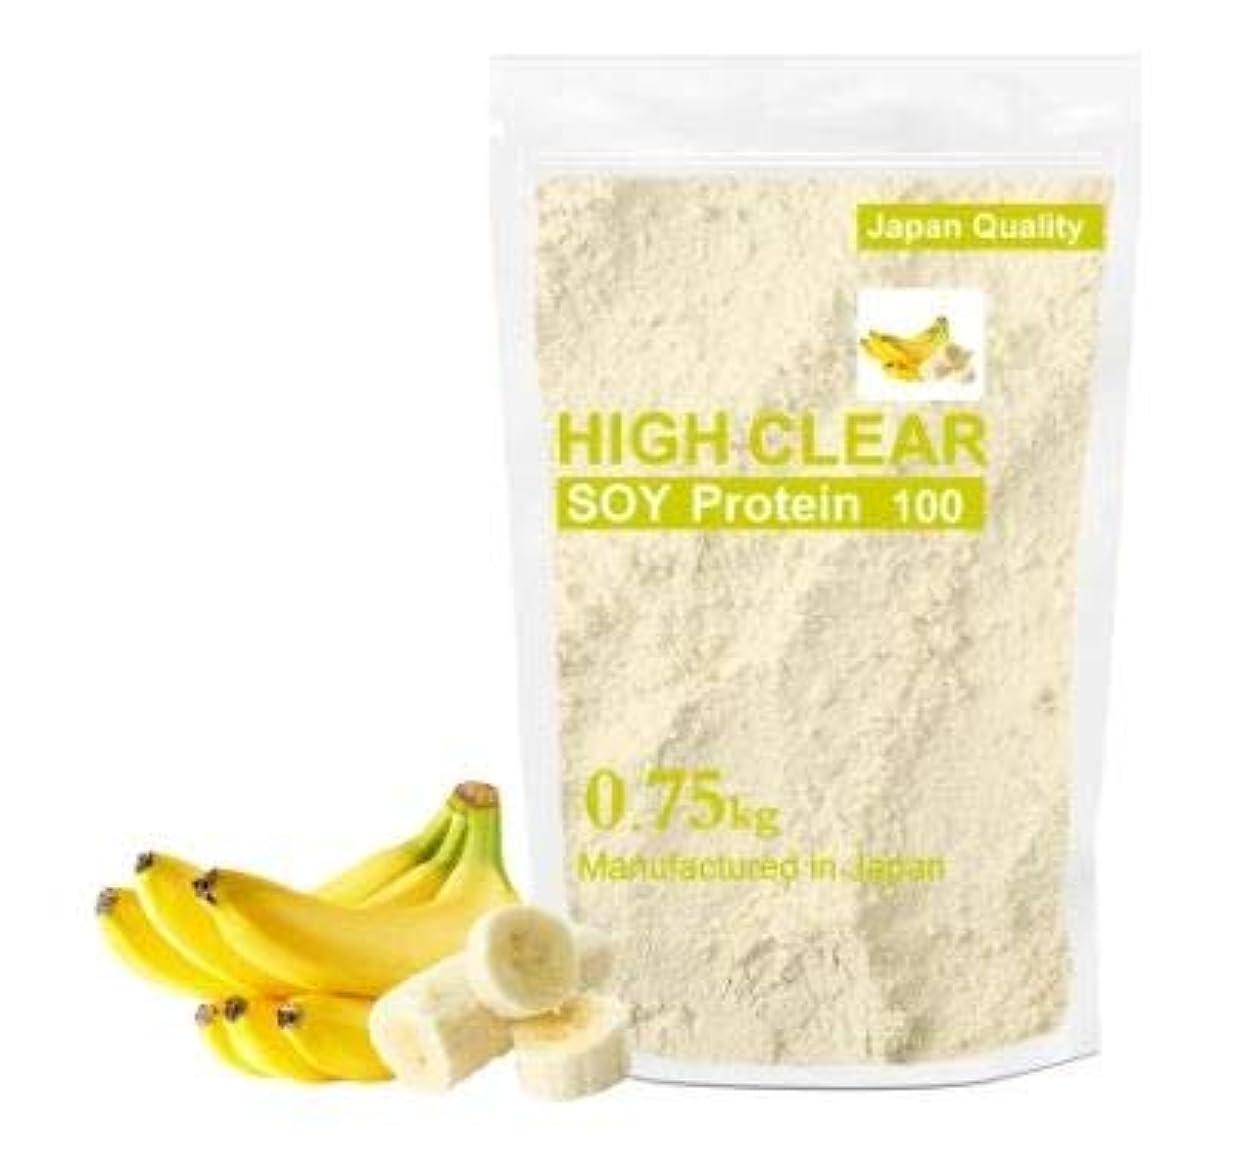 カビ思い出す最も早いHIGH CLEAR(ハイクリアー)ソイプロテイン100 リッチバナナ味 750g 30食分